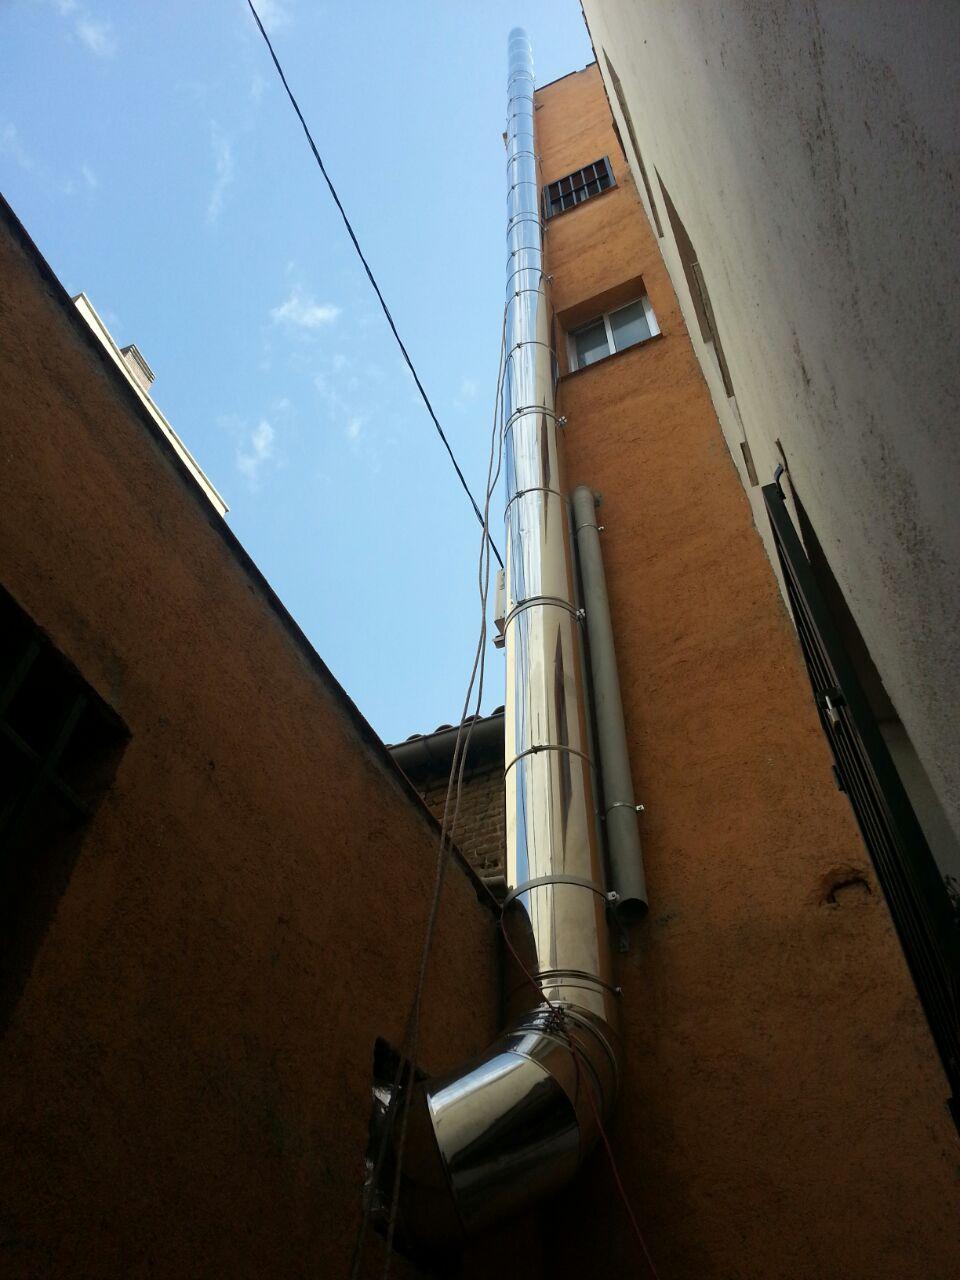 Tubos de chimenea instalar tubos y conductos chimeneas - Chimeneas de acero ...